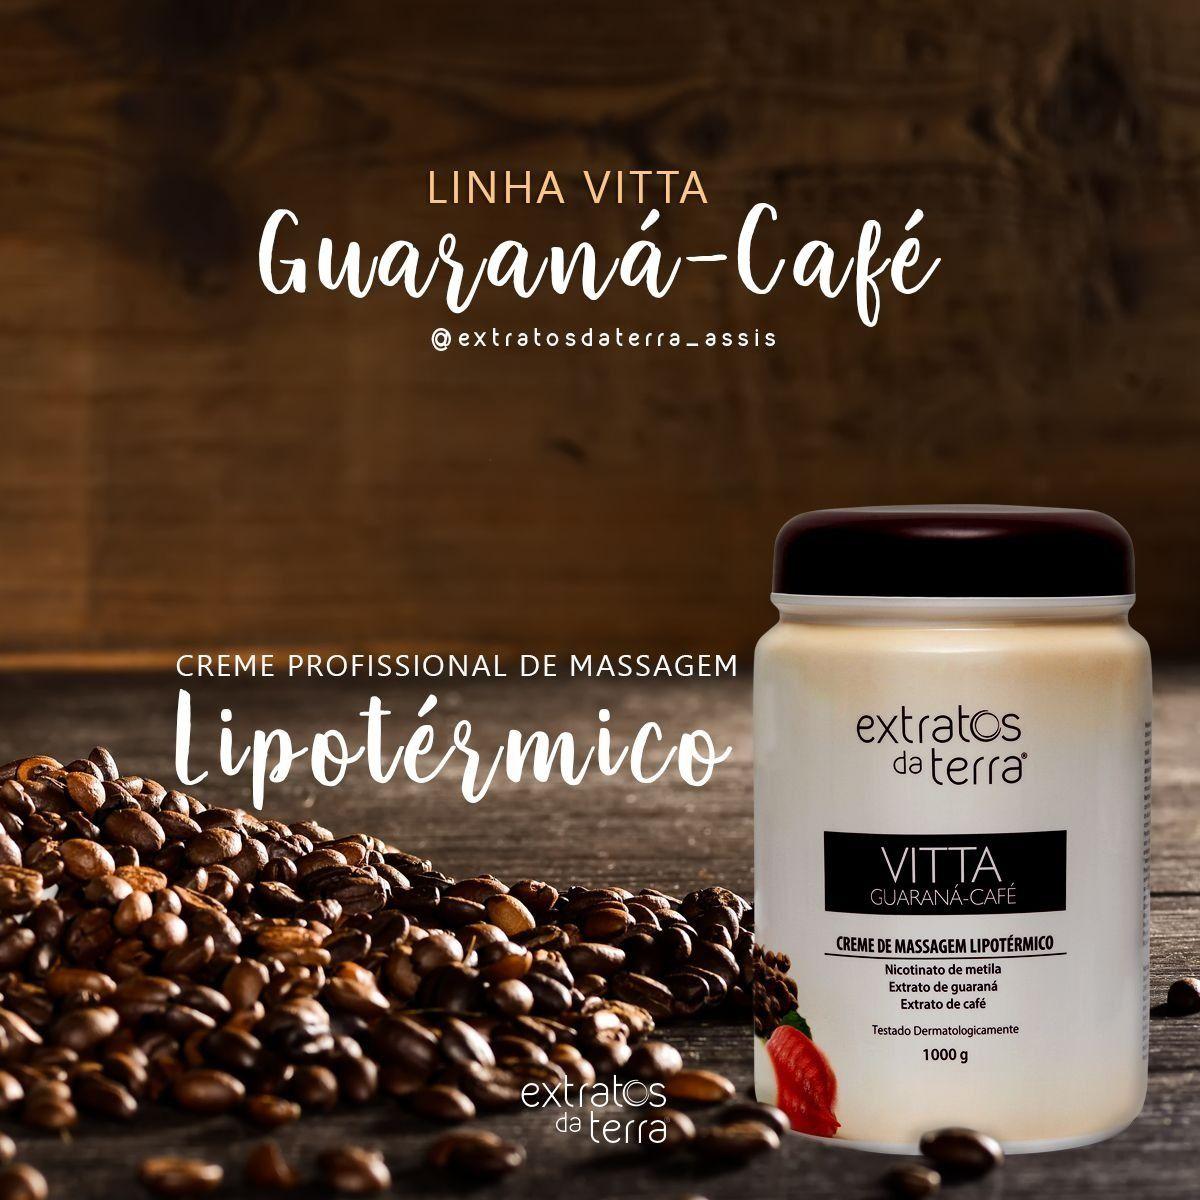 Vitta Guarana Cafe Creme de Massagem Hiperemico 1000g Extratos da Terra